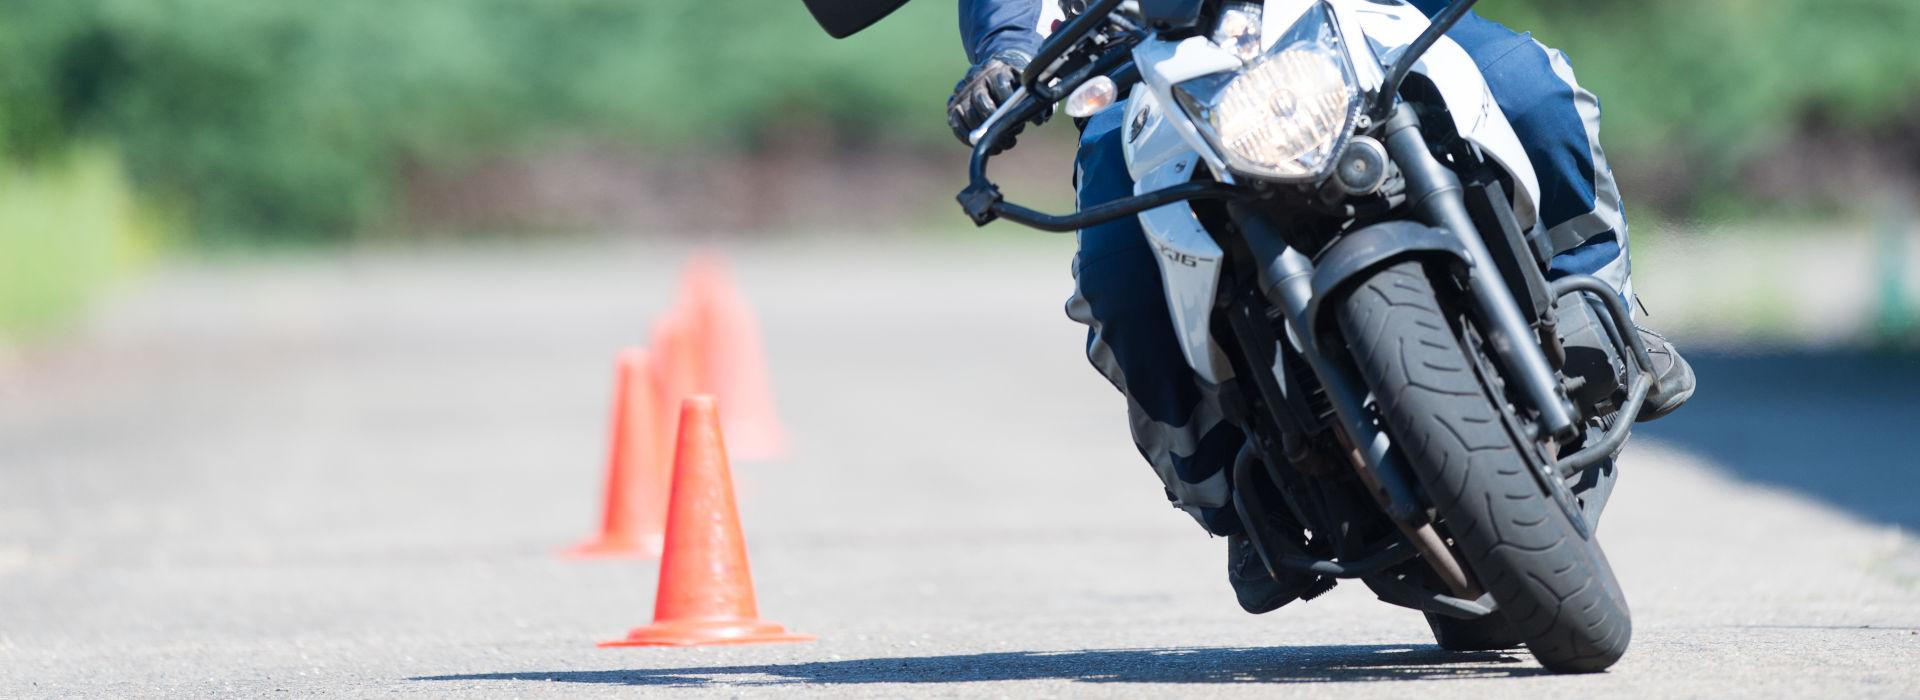 Motorrijbewijspoint Almere motor rijvaardigheid